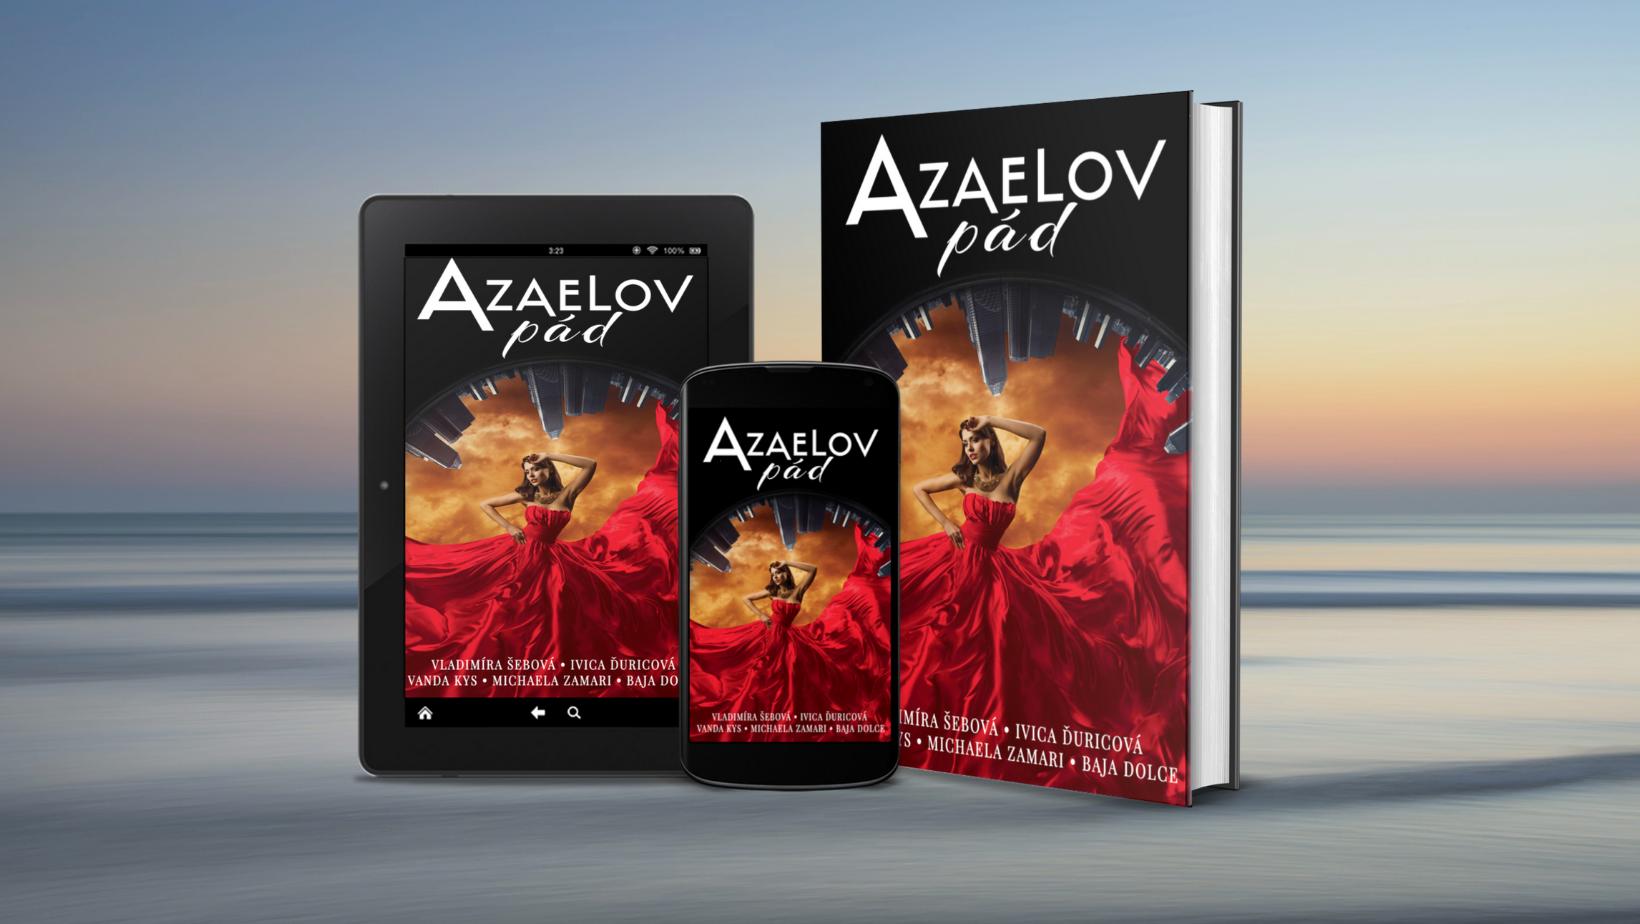 Autorská štafeta – Azaelov pád